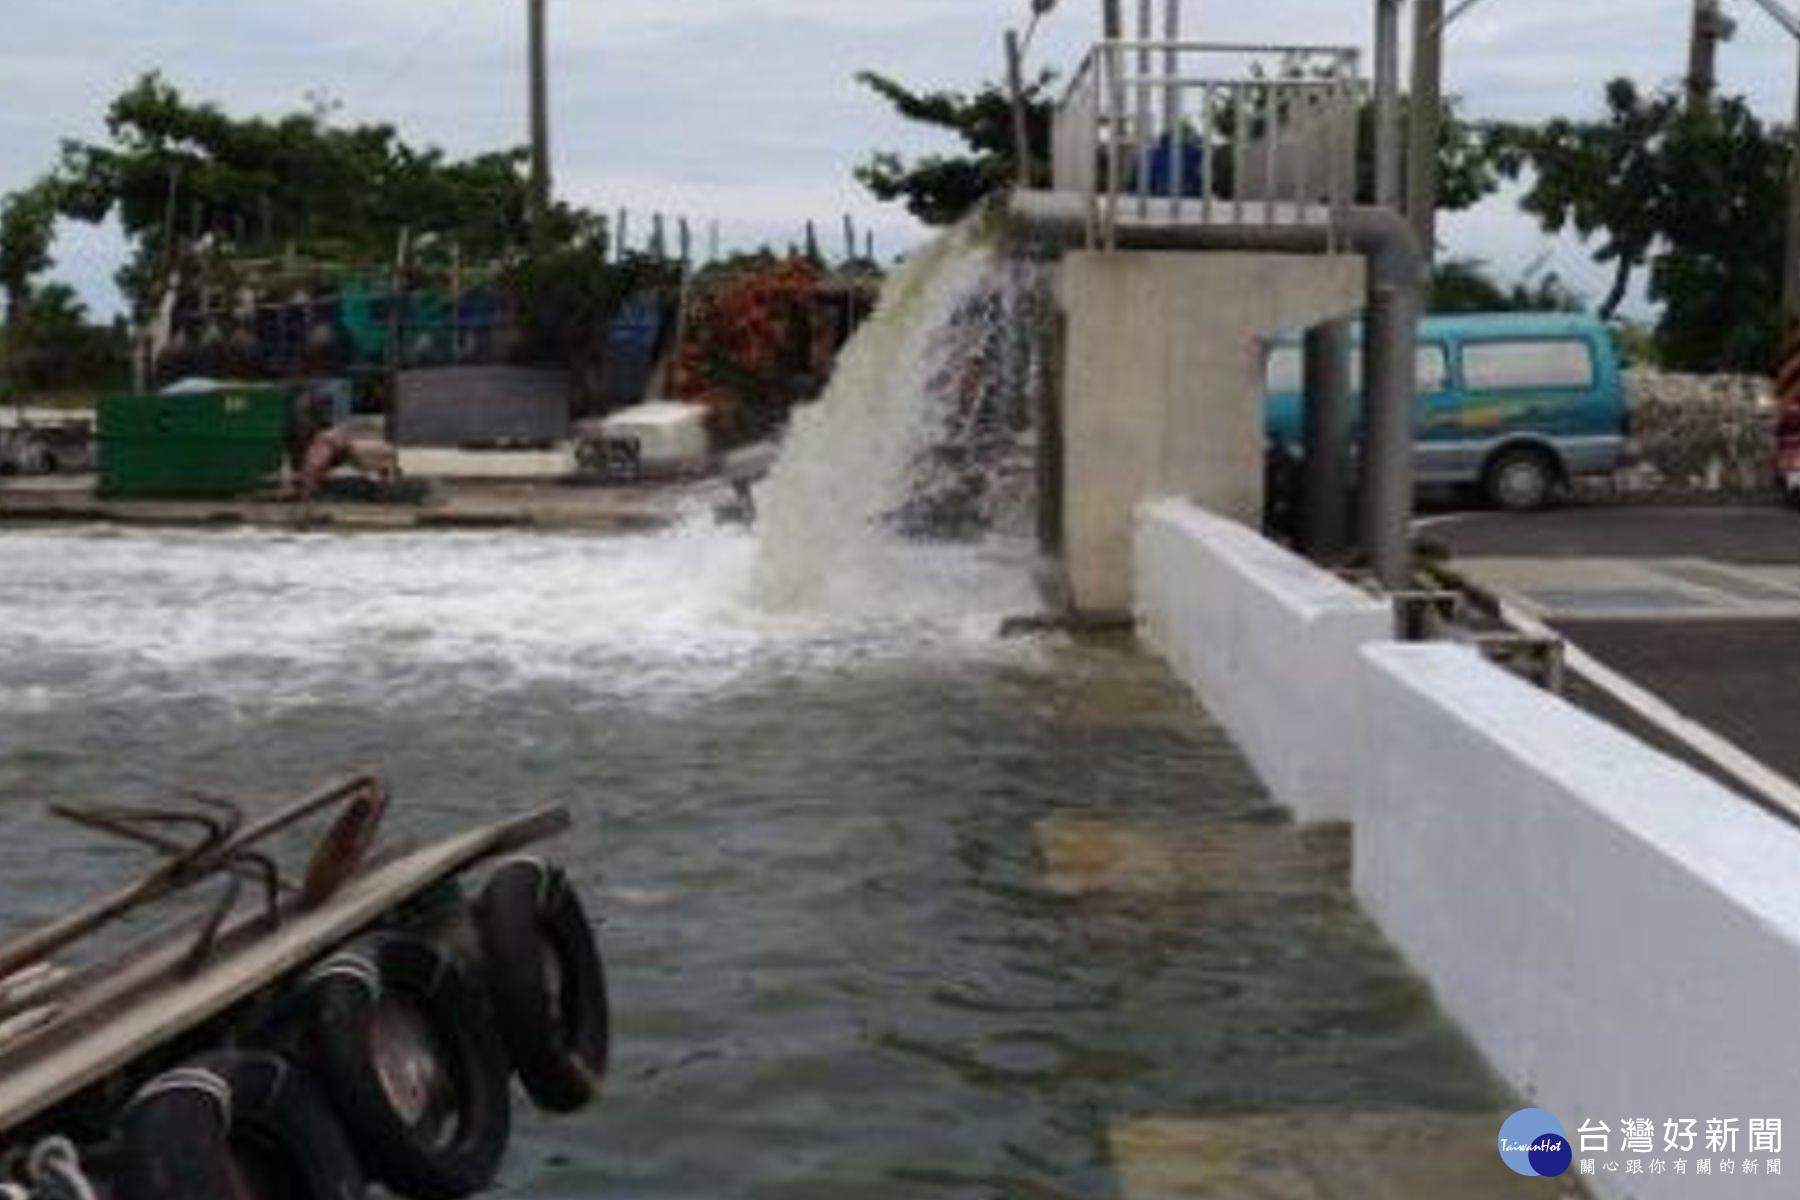 提升防洪能力 七股龍山防護工程第二期9月底發包